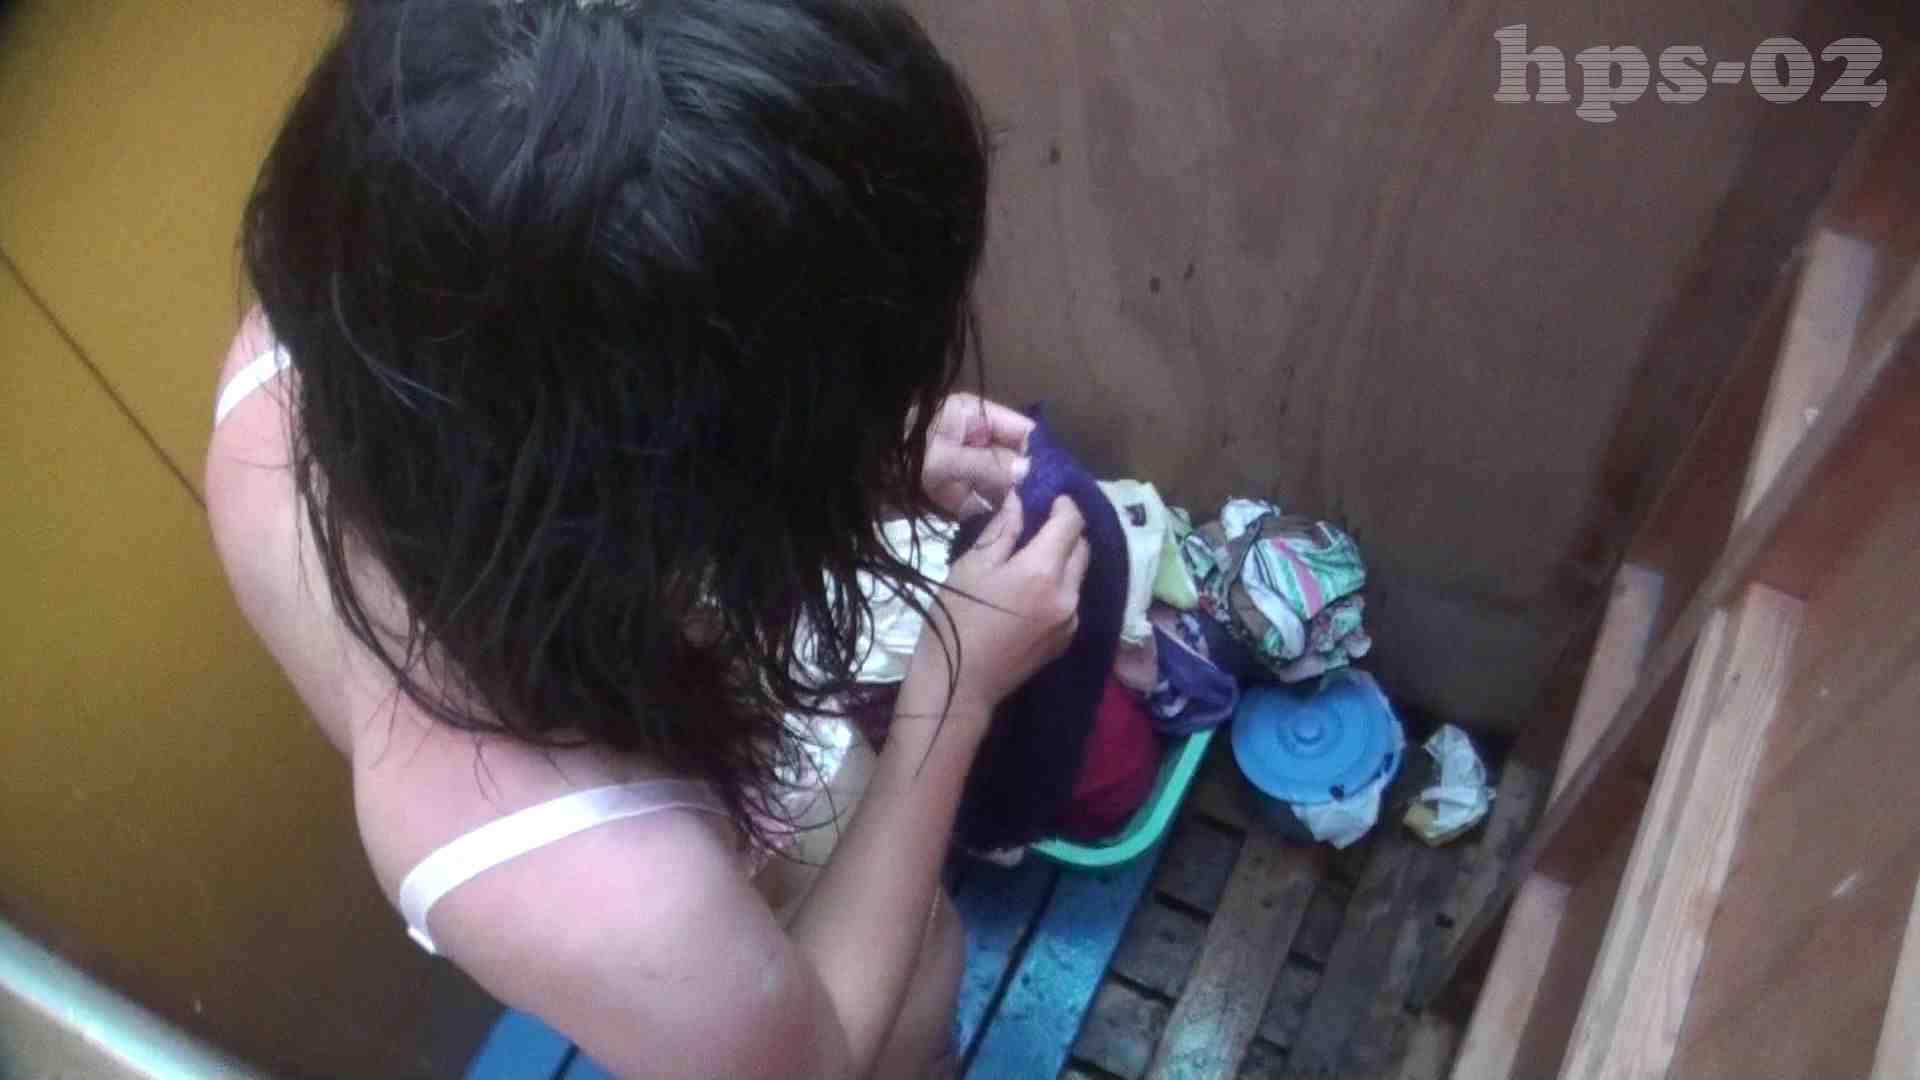 シャワールームは超!!危険な香りVol.2 カメラに目線をやるのですがまったく気が付きません。 高画質 | シャワー  40連発 34